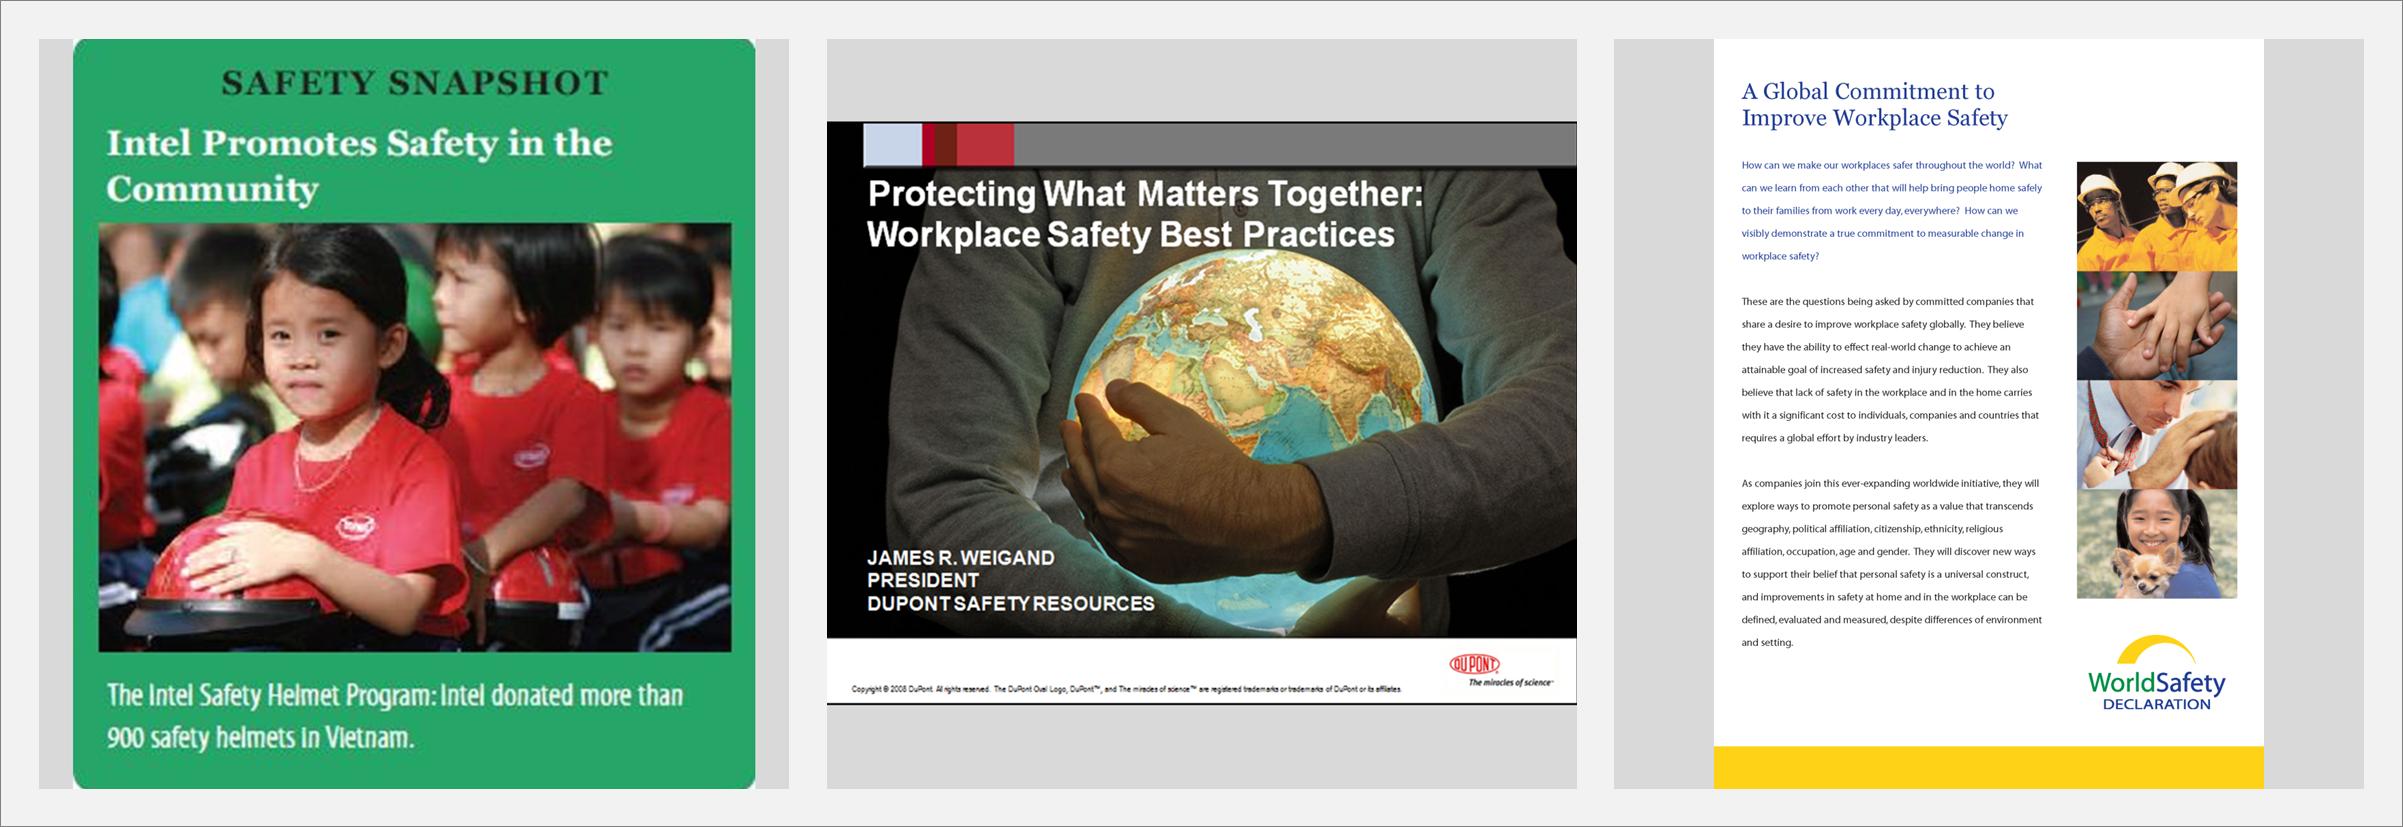 World Safety Declaration